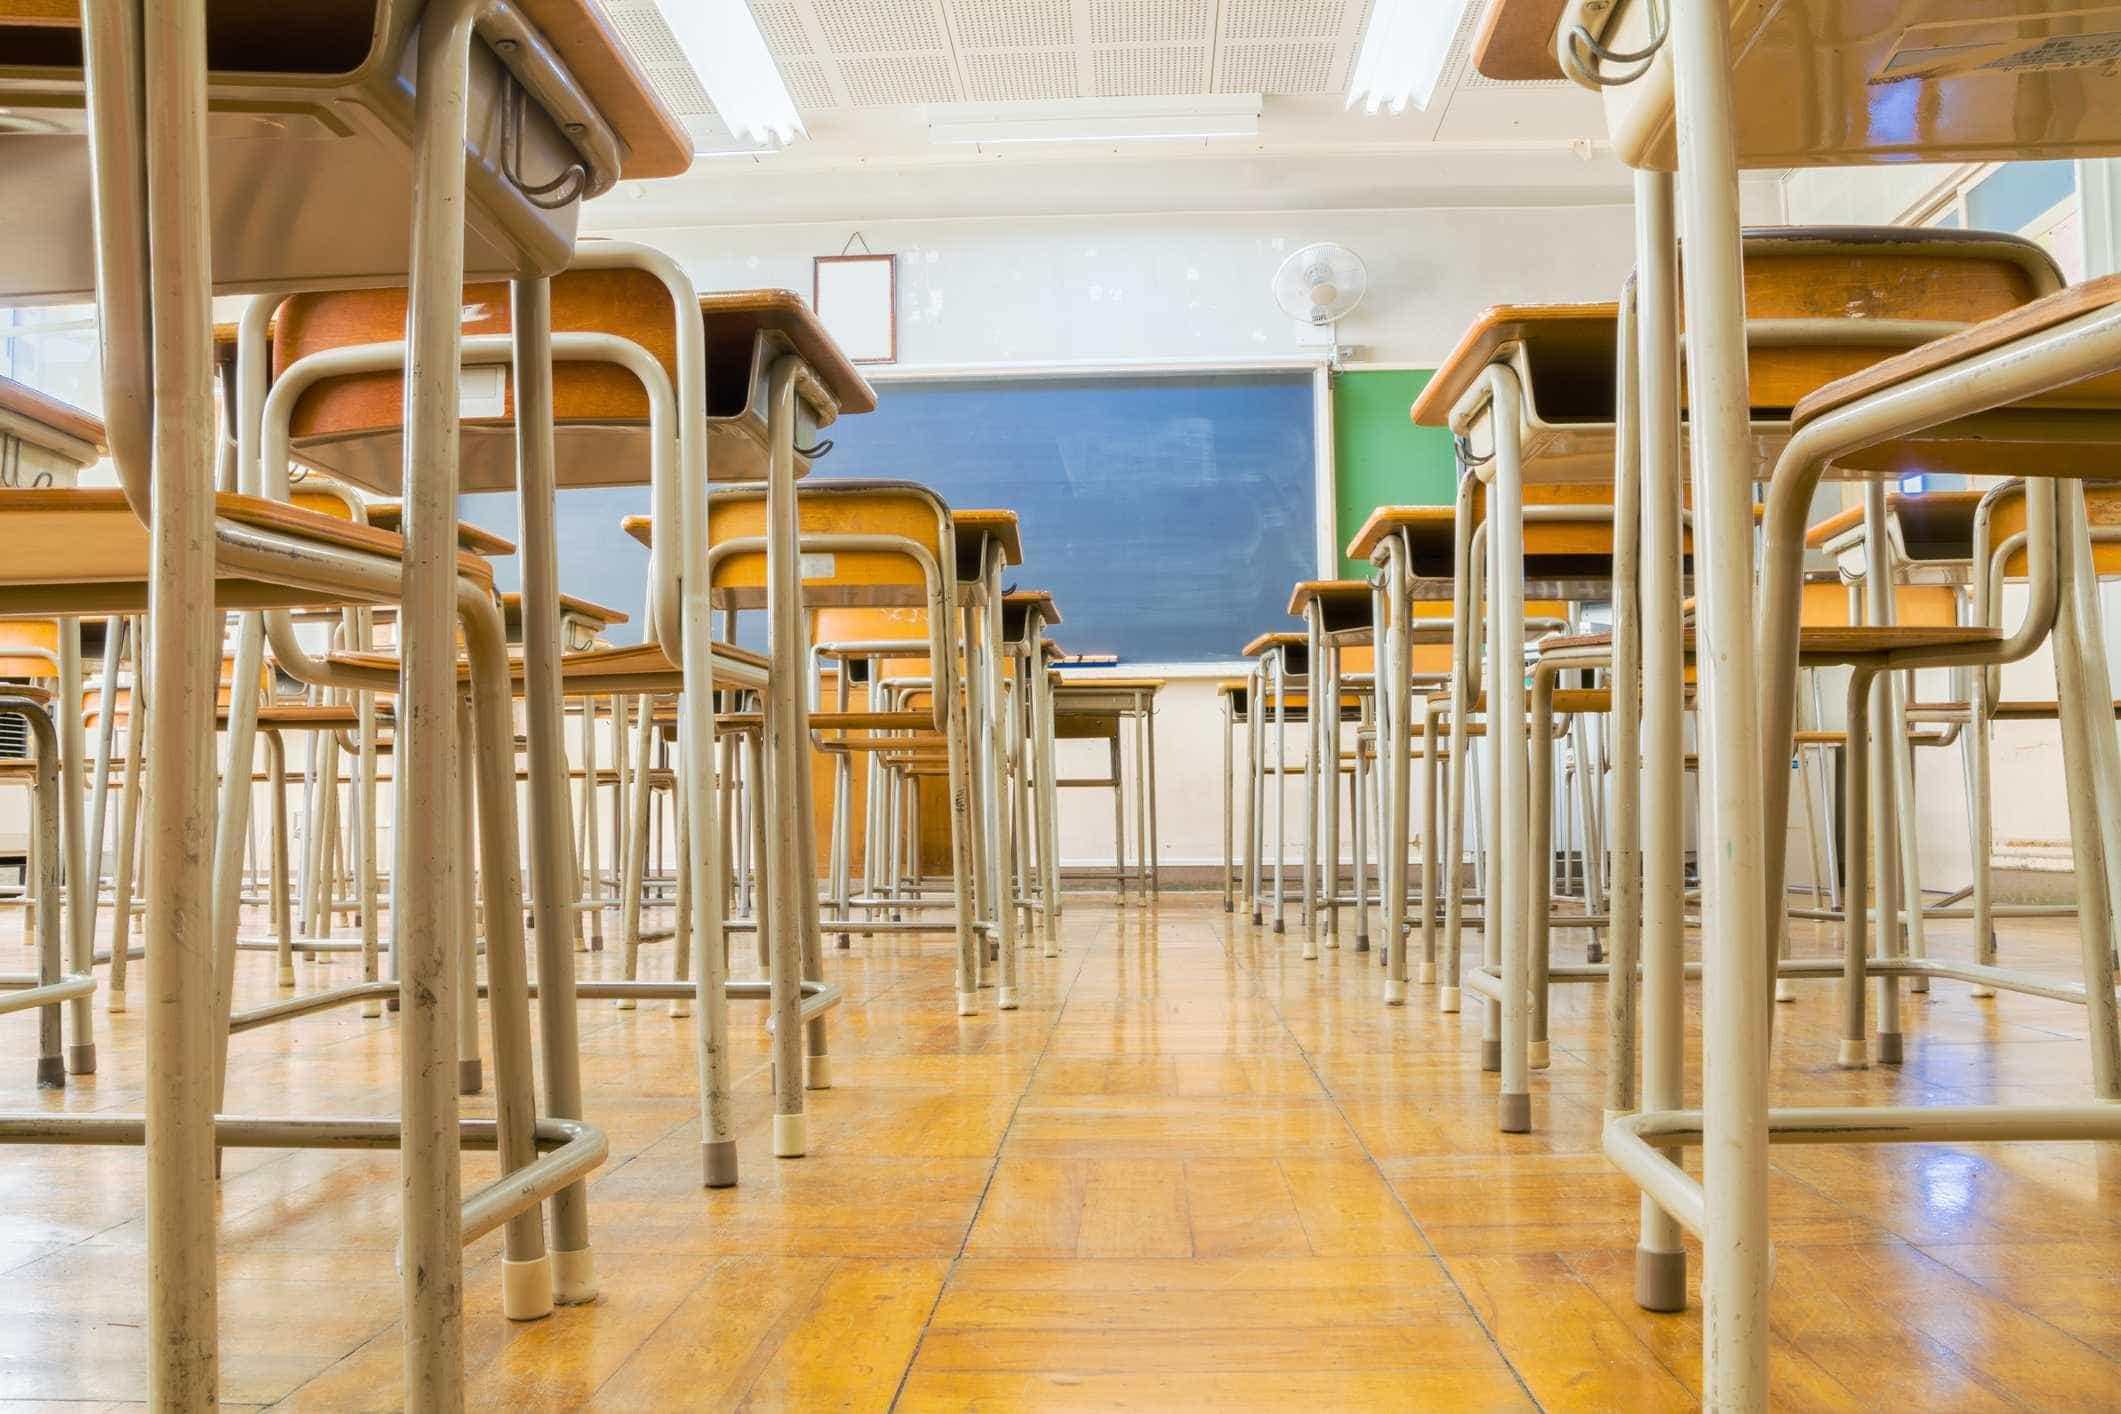 Técnicos que lecionam cursos de interpretação pedem fim da precariedade